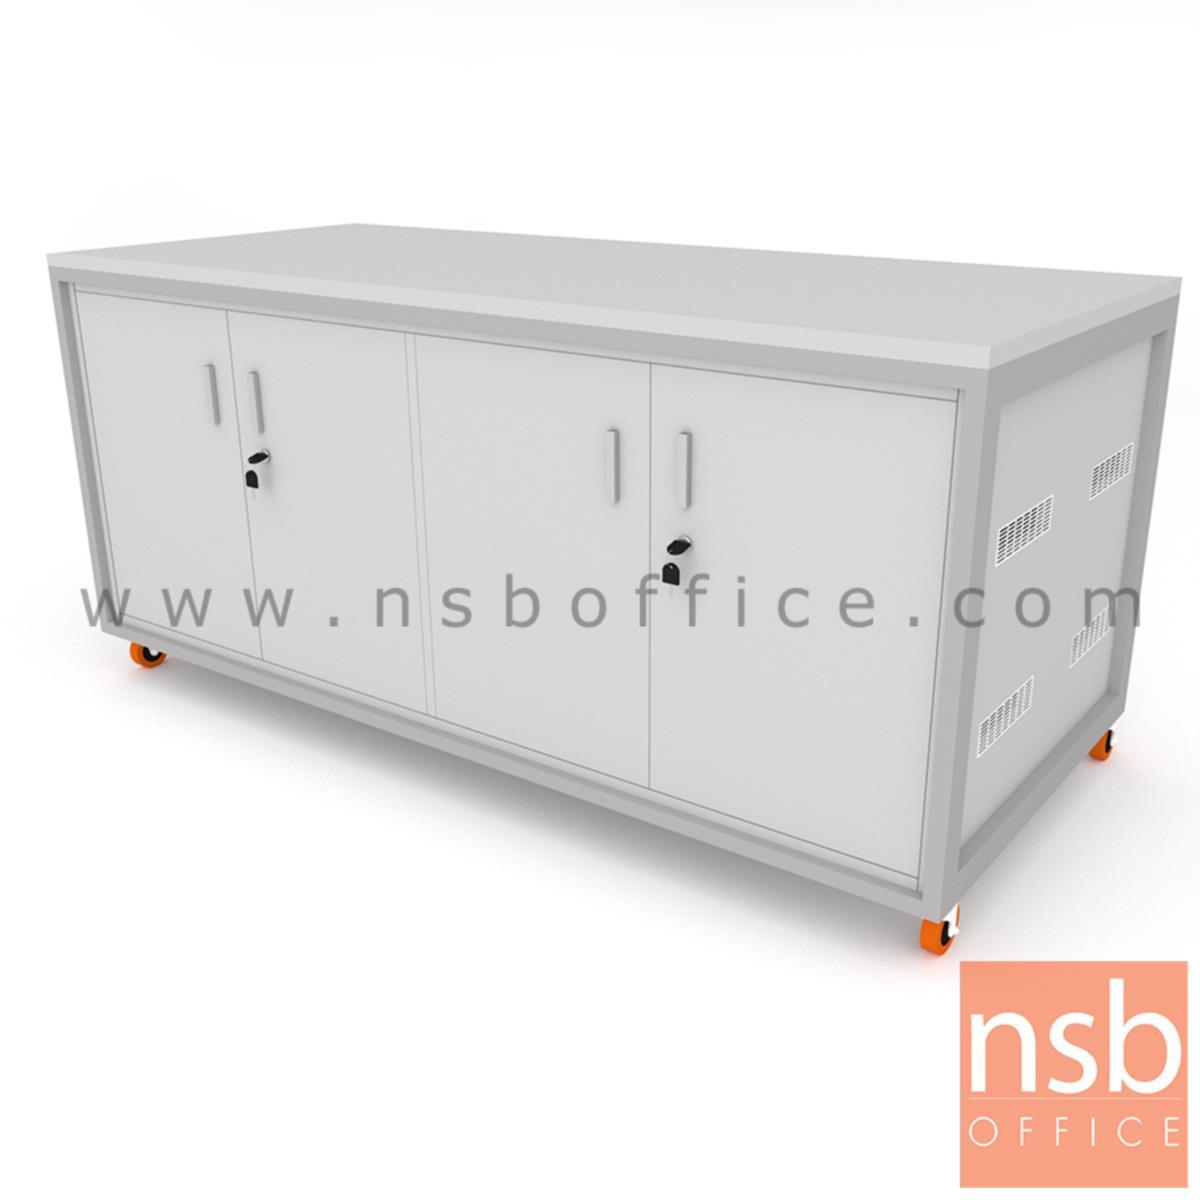 ตู้แลปเก็บอุปกรณ์ บานเปิด รุ่น Senior (ซีเนี่ยร์) top HPL ขนาด 150W, 180W cm. ล้อเลื่อน เคลื่อนย้ายได้